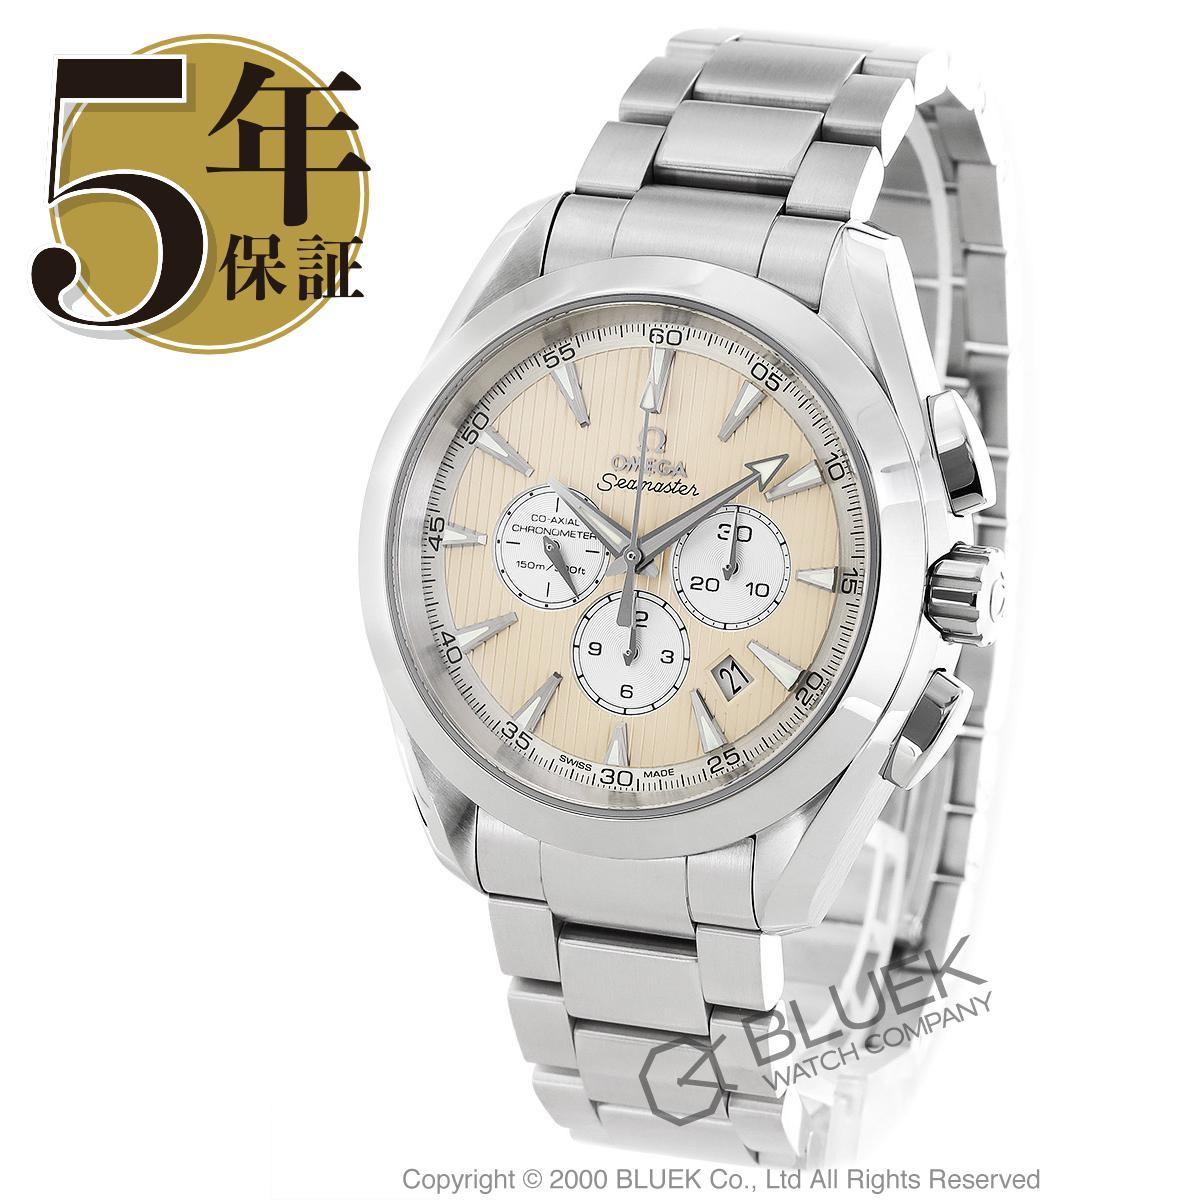 オメガ シーマスター アクアテラ クロノグラフ 腕時計 メンズ OMEGA 231.10.44.50.09.001_5